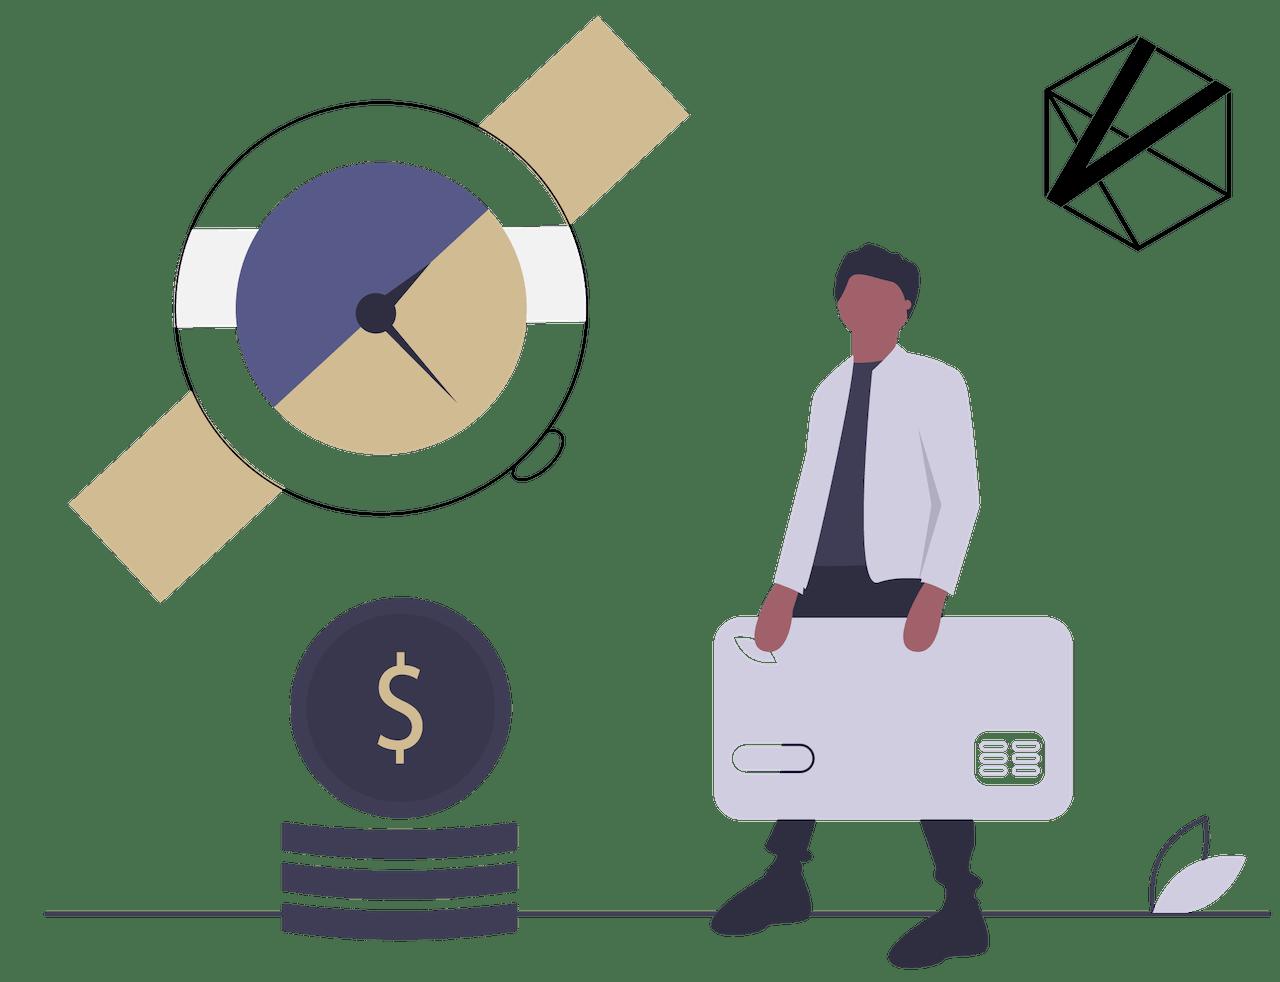 Uhr und Bezahlmöglichkeiten